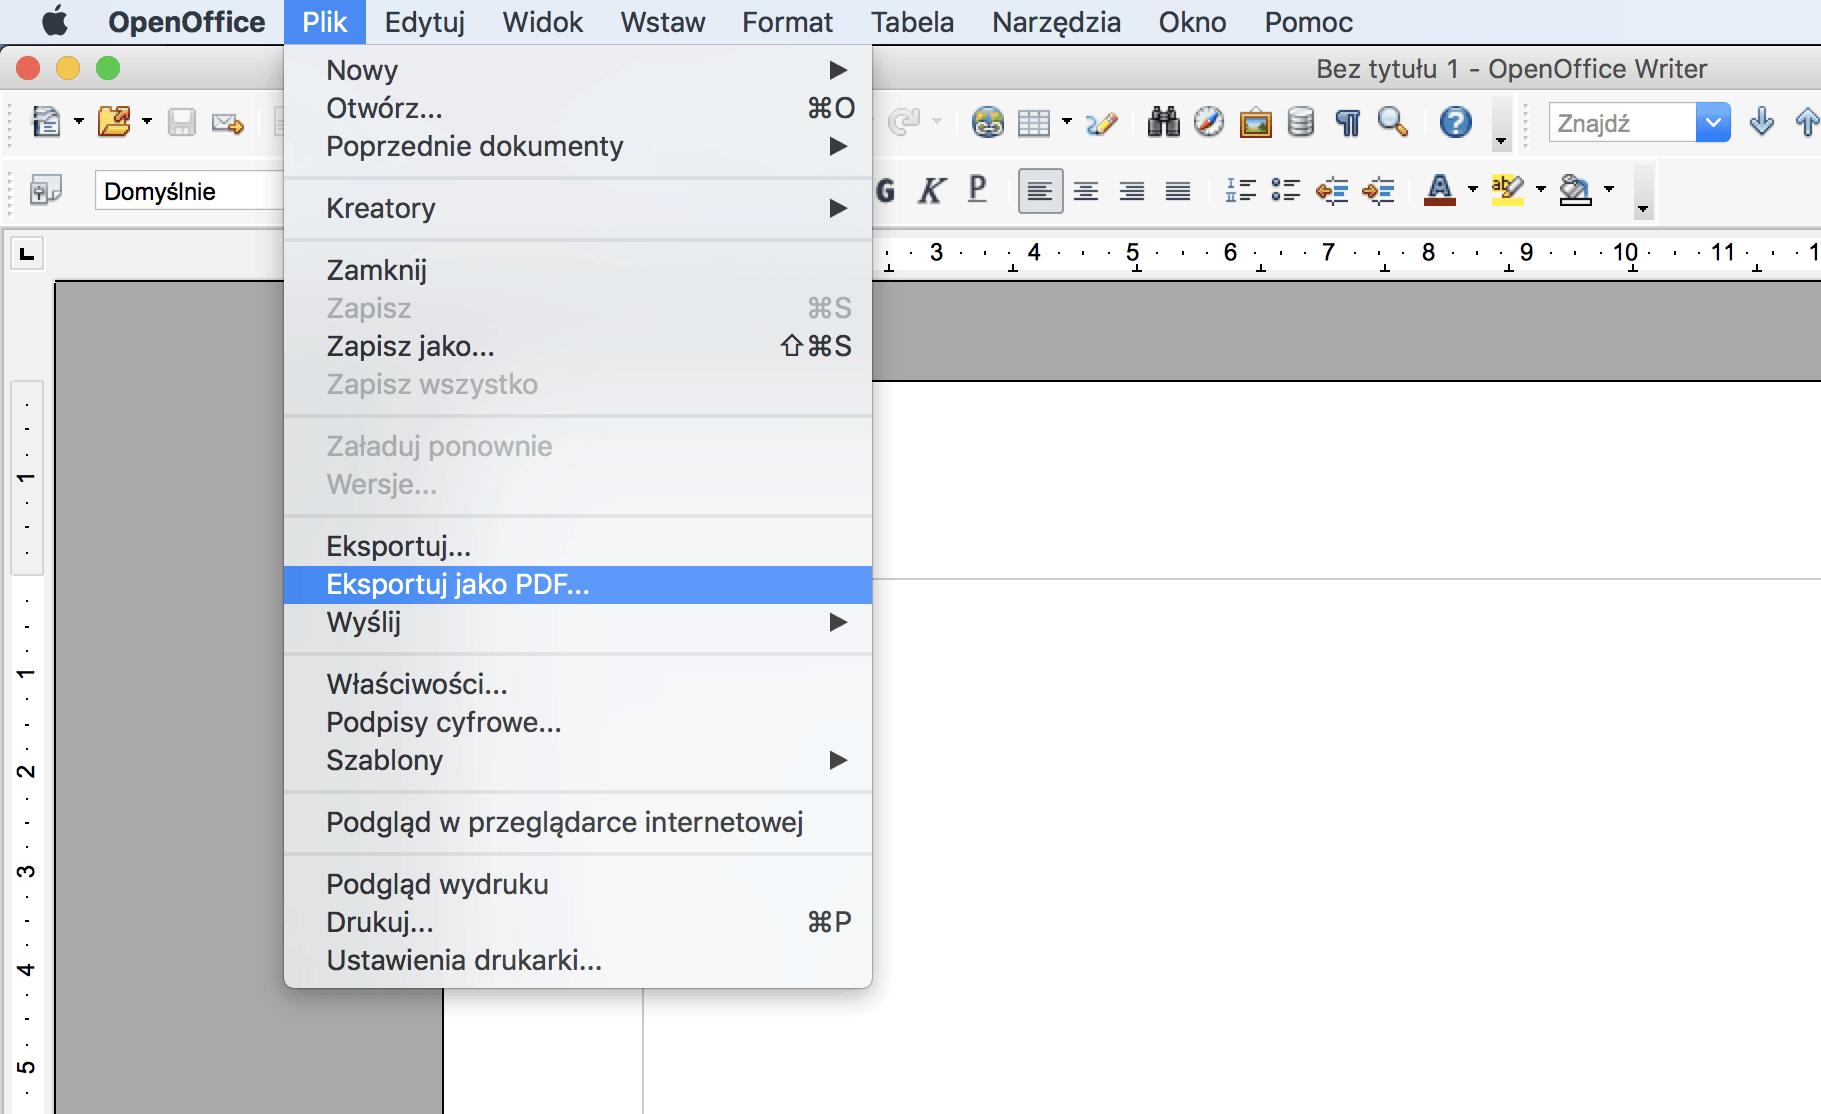 Open Office - jak zapisać CV w formacie PDF